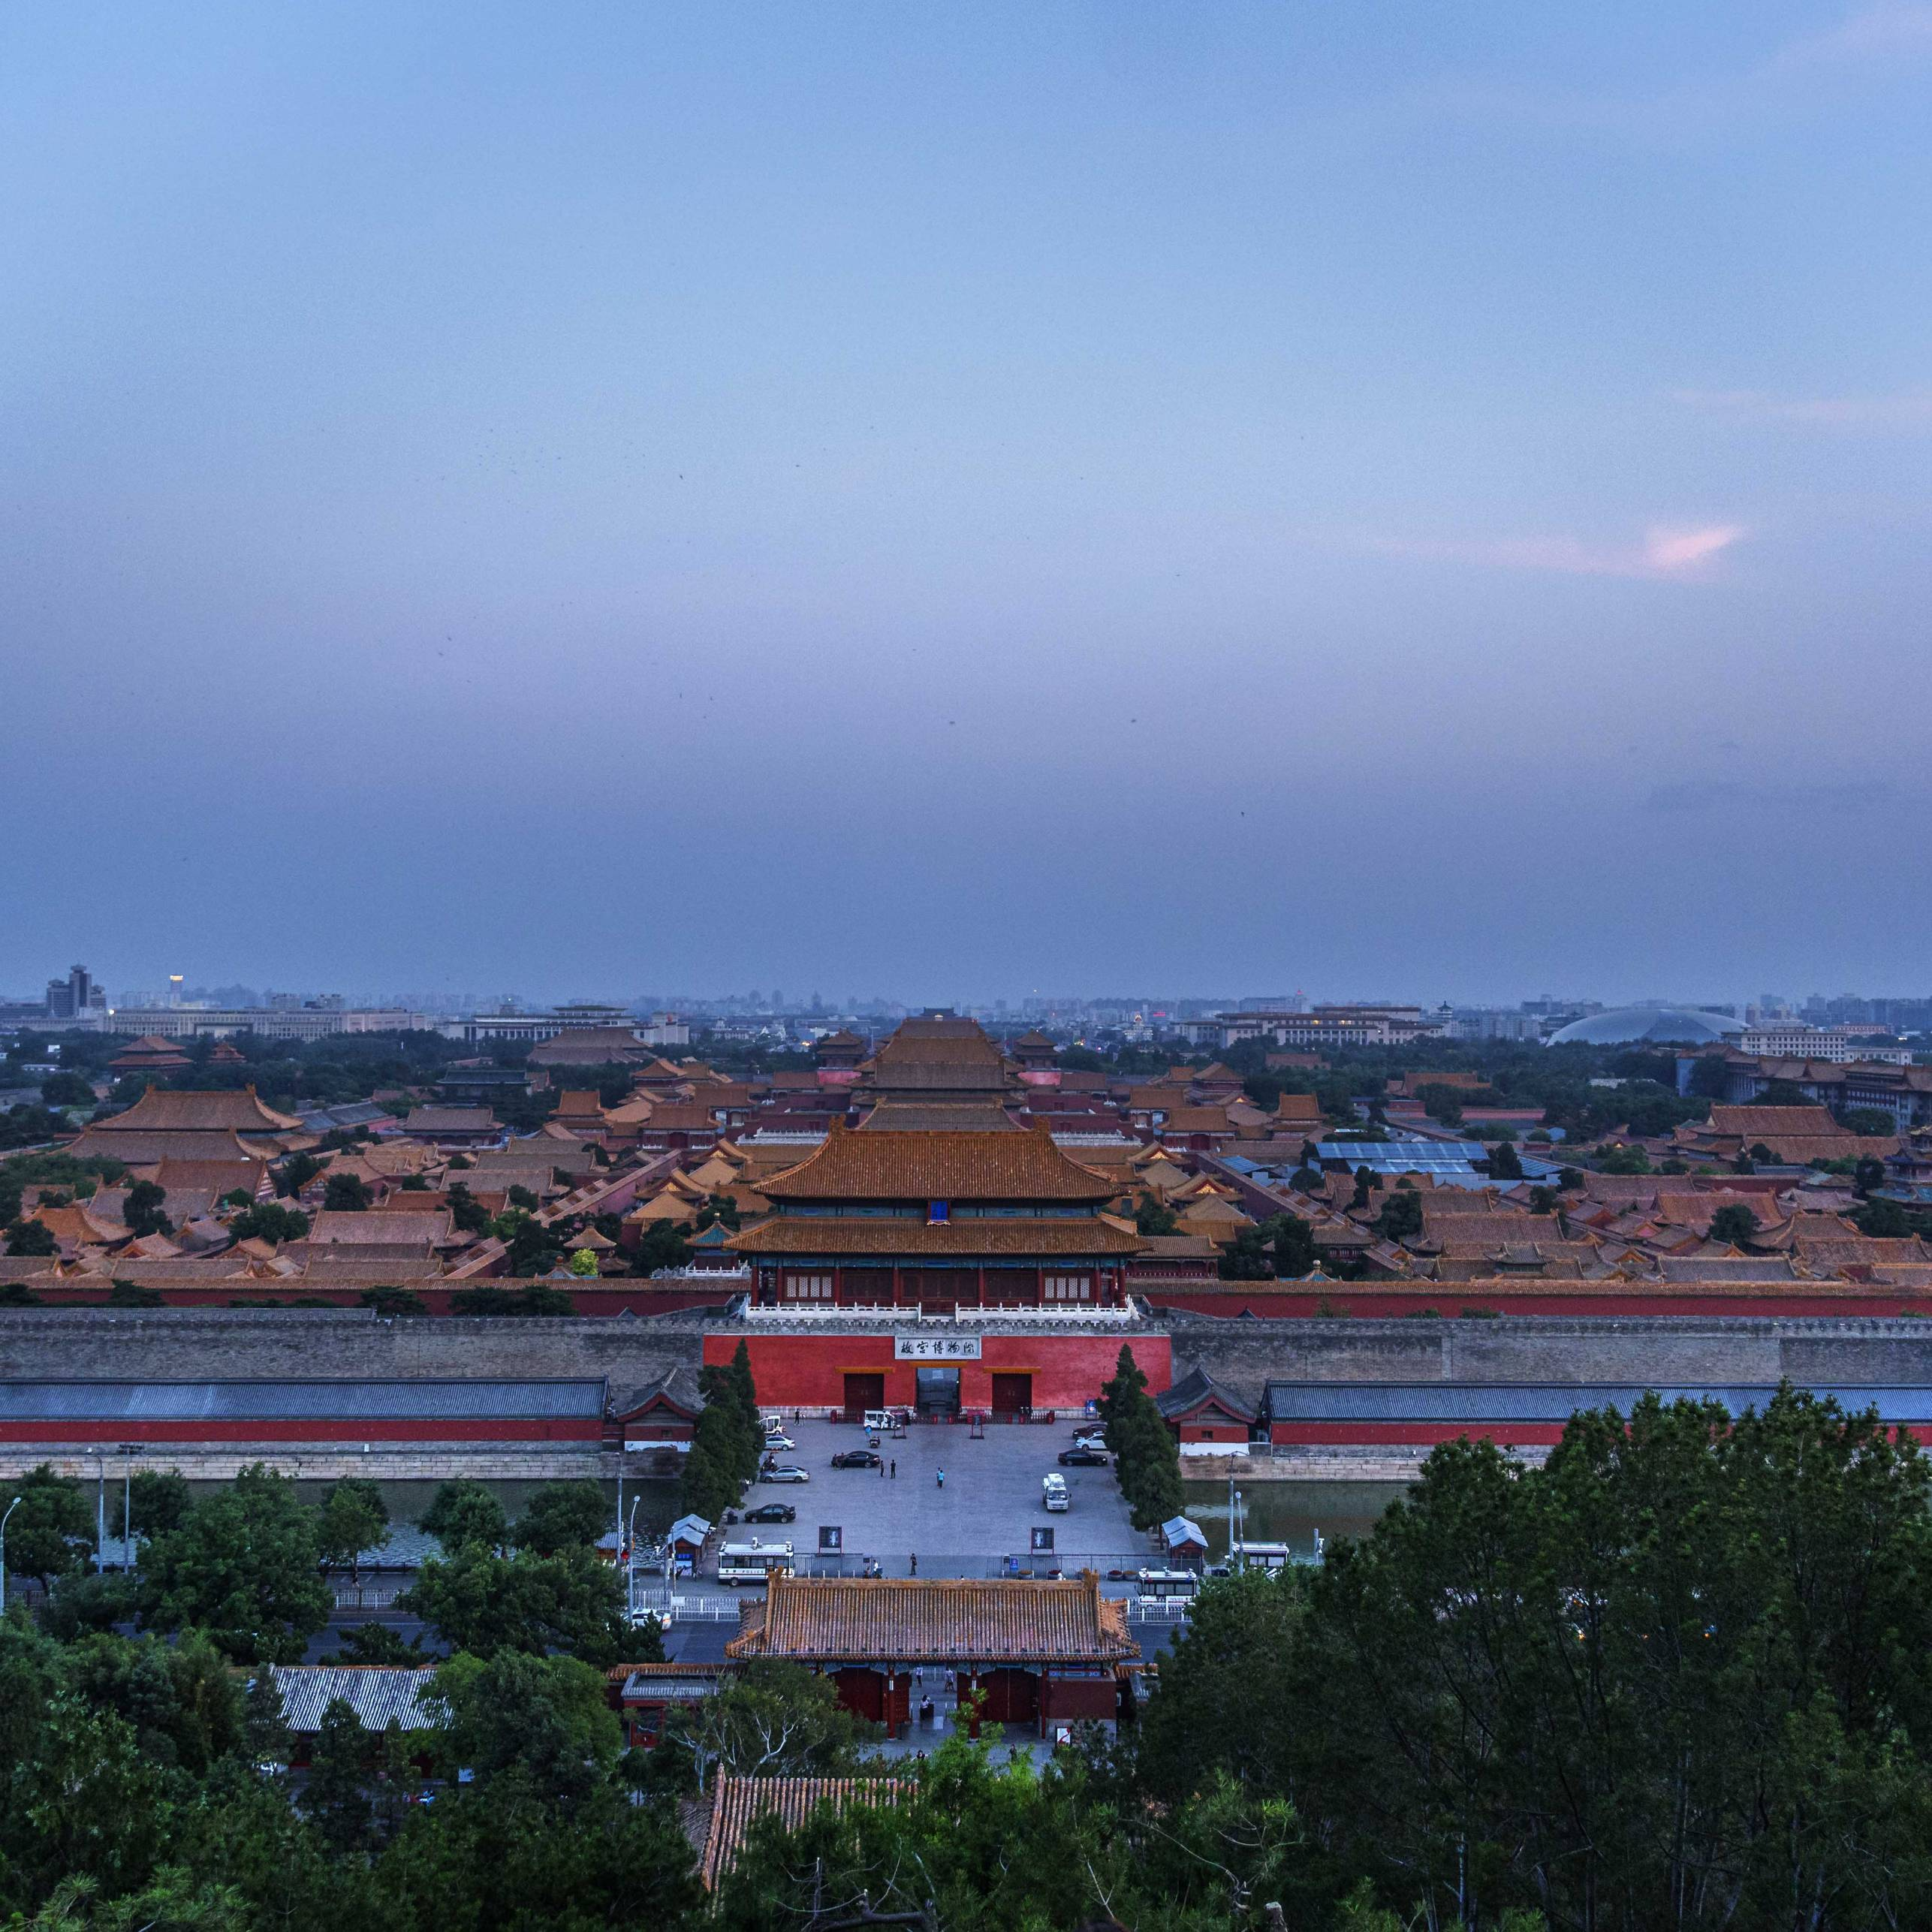 Forbidden City at Beijing